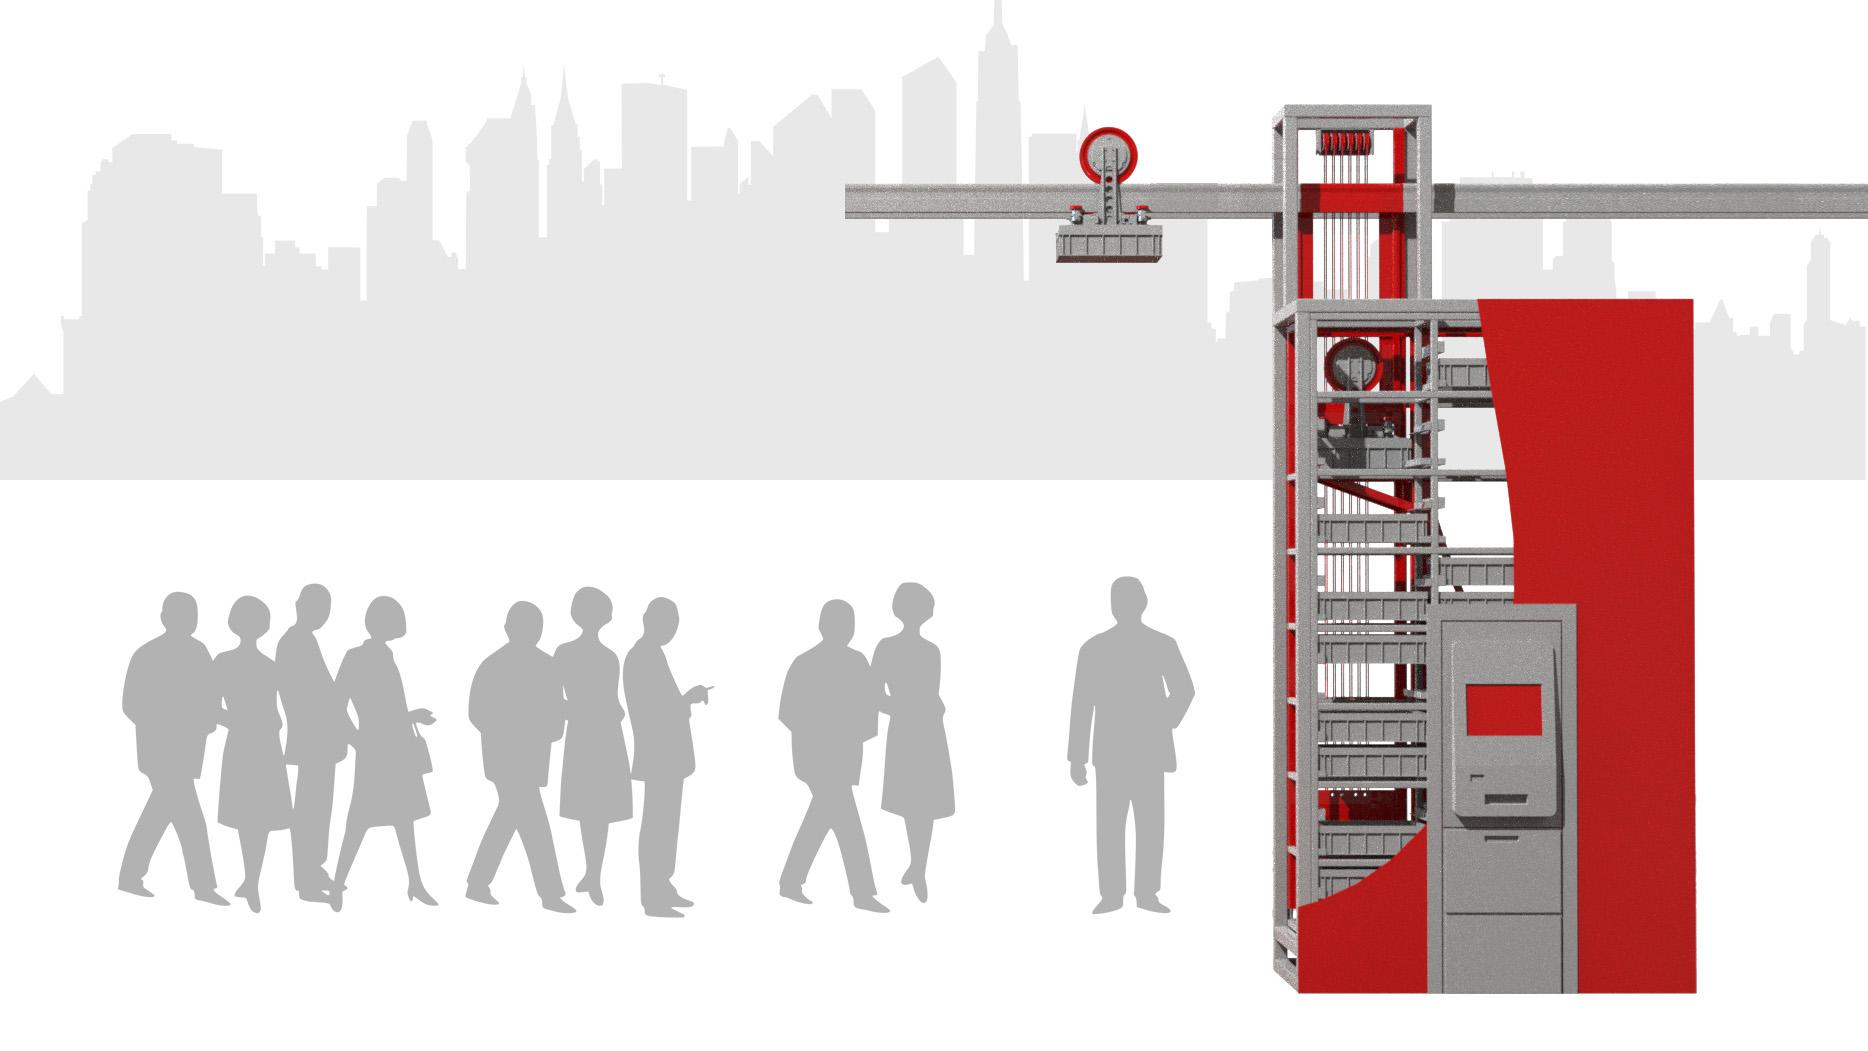 Робот-курьер — доставка за 30 минут, или как в России построить будущее - 1